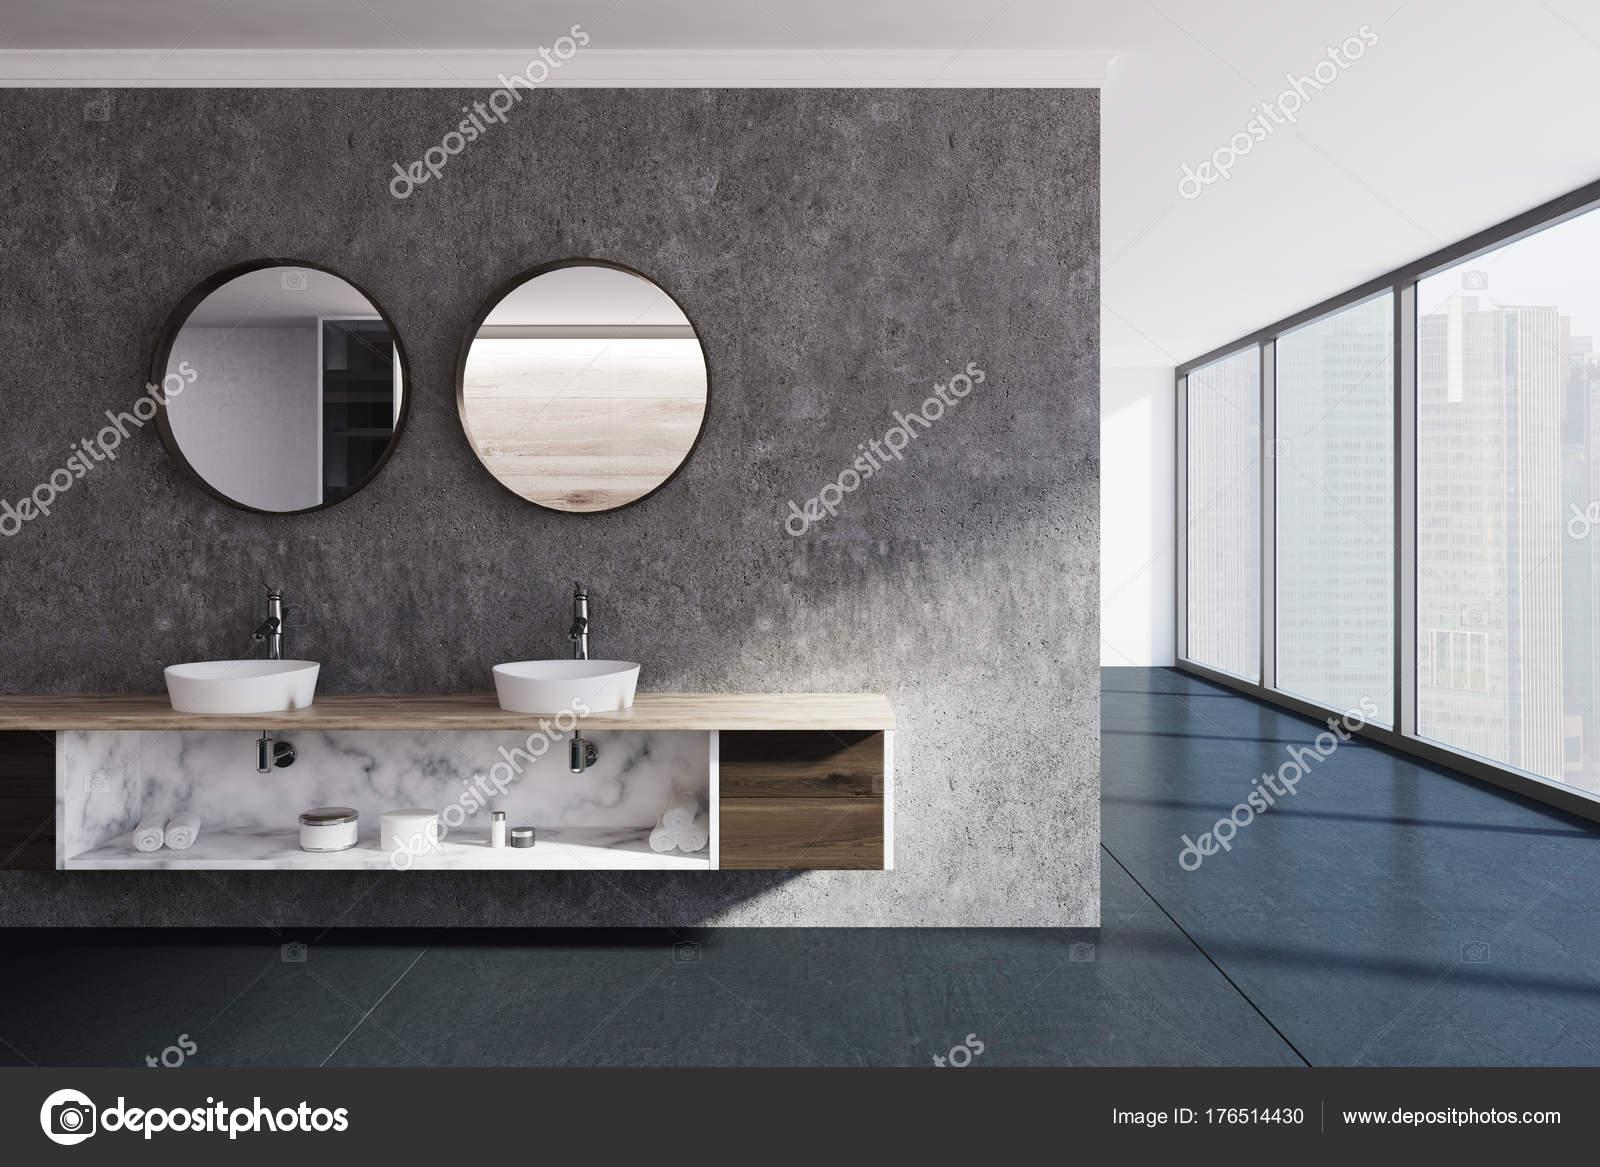 Beton Muur Badkamer : Betonnen muur badkamer wastafel en spiegels u2014 stockfoto